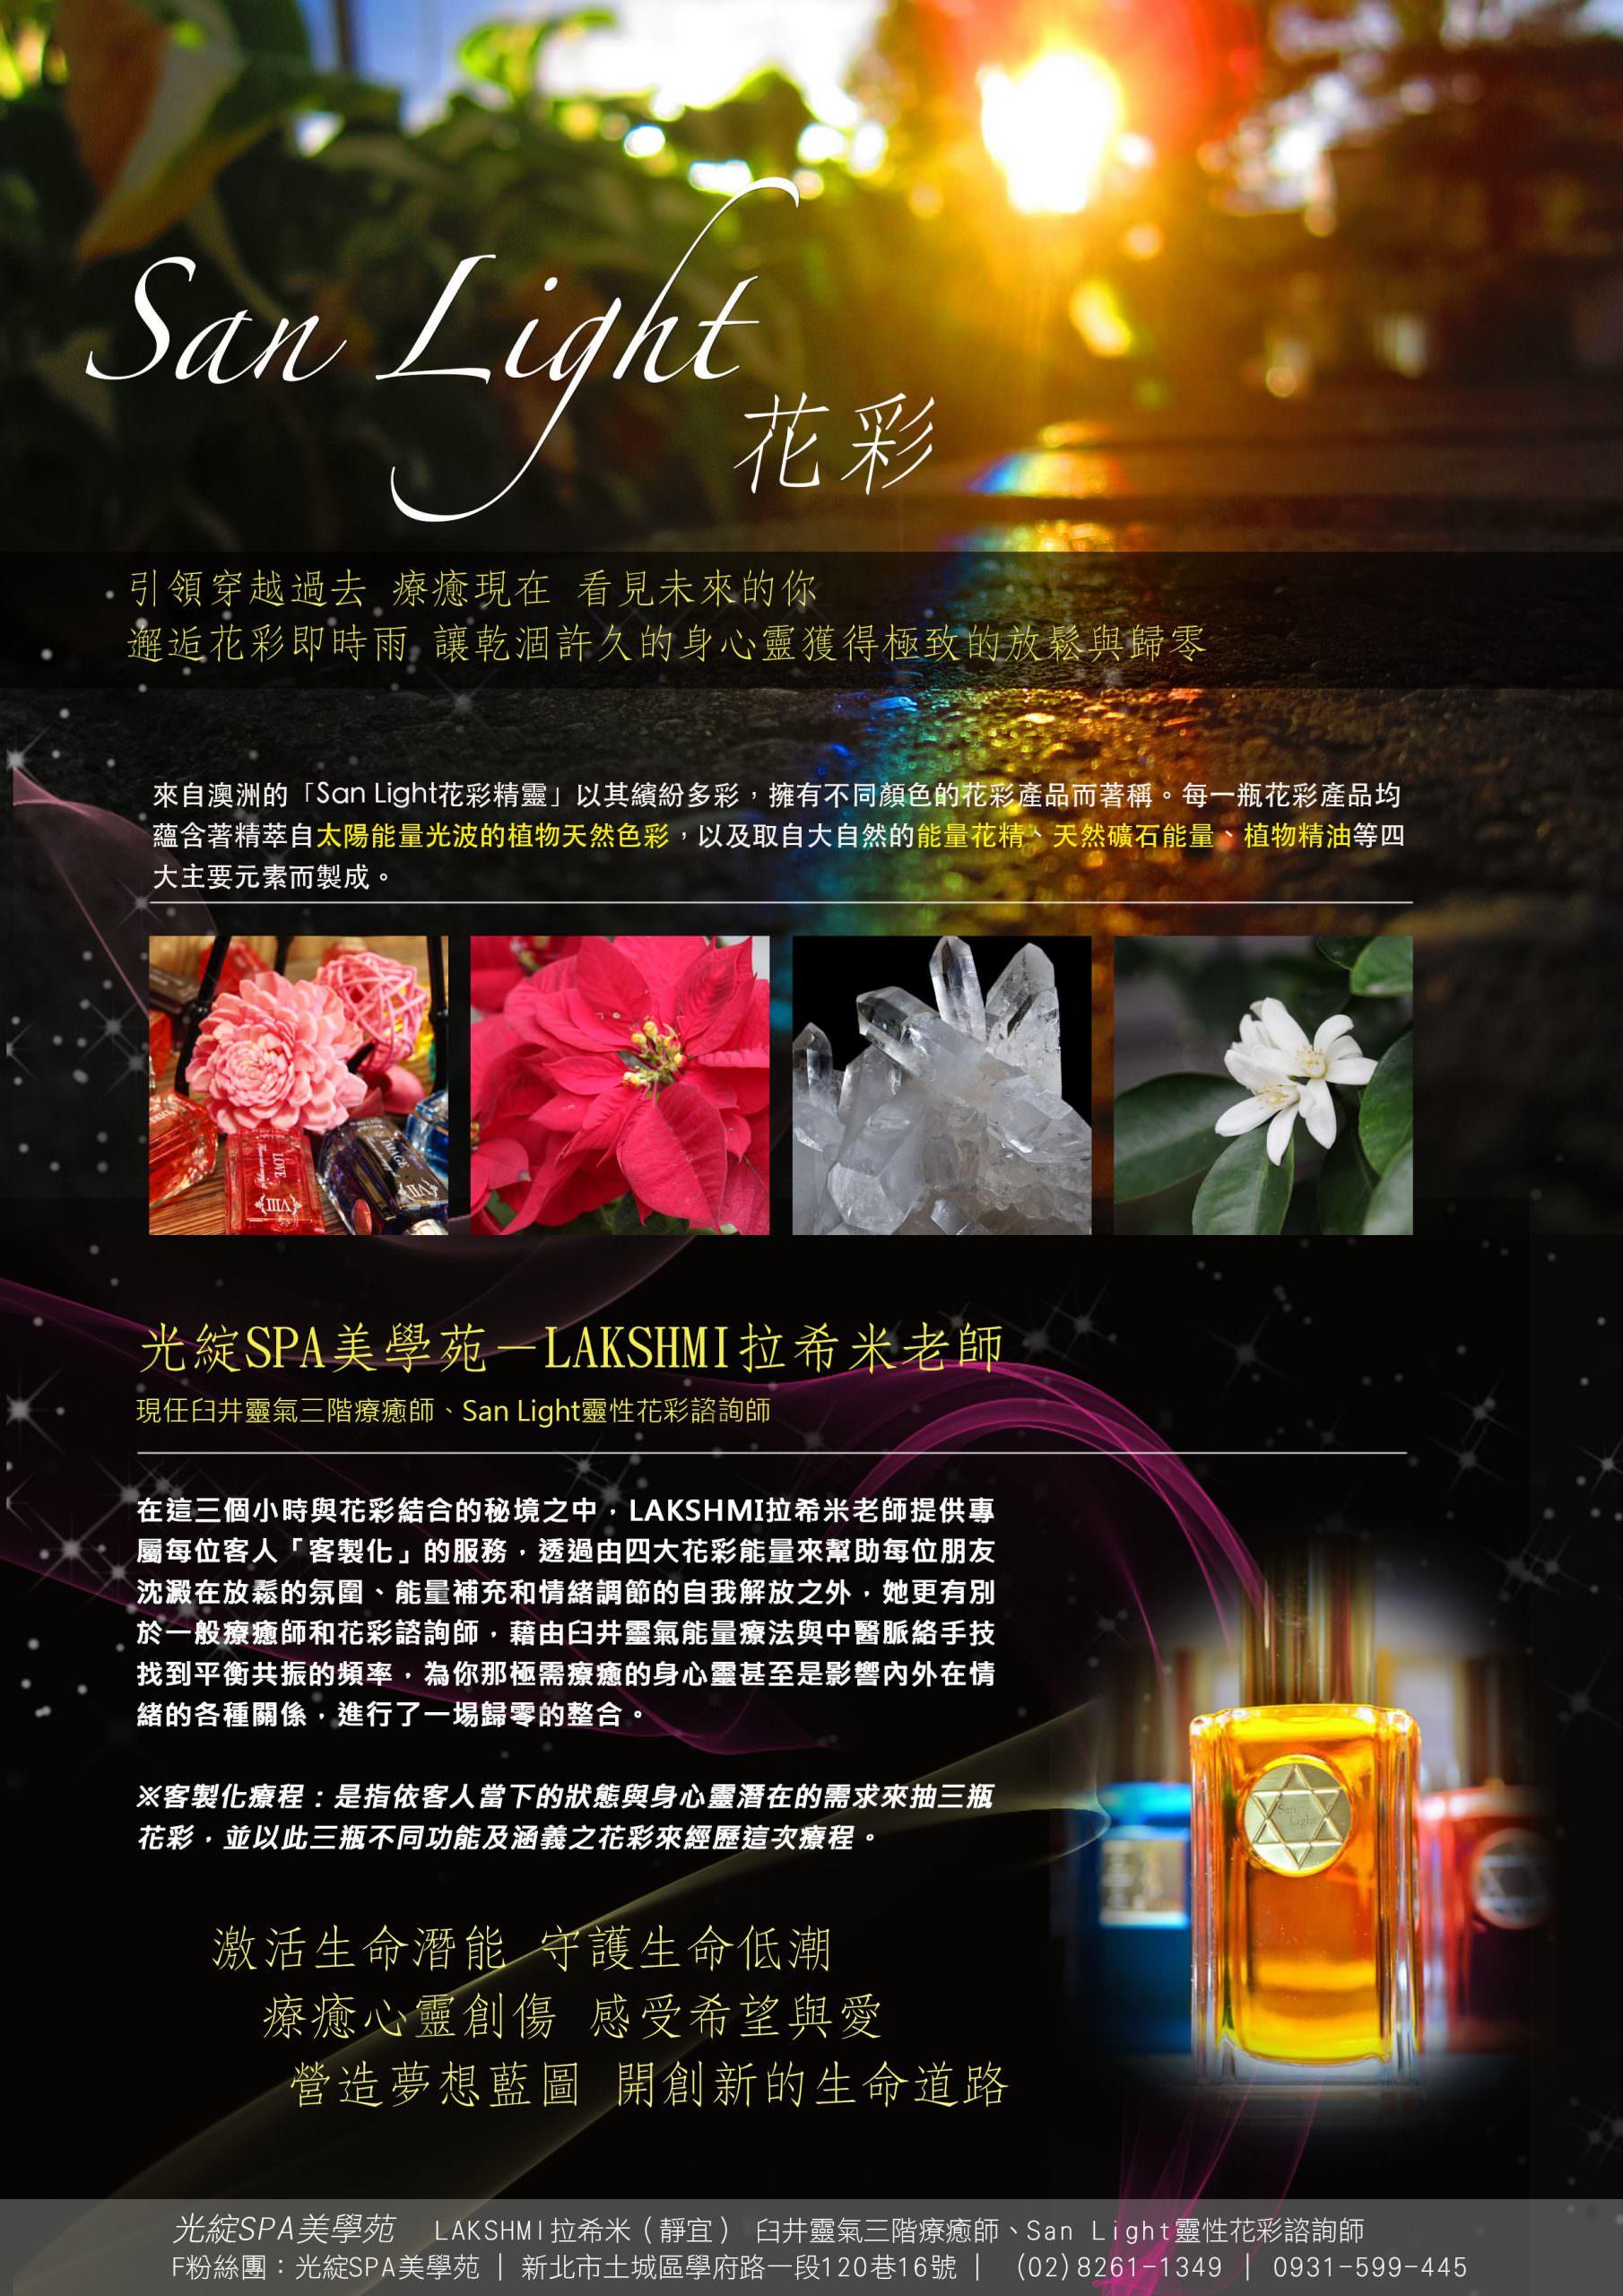 【身心靈】San Light花彩:一個能改變過去、創造未來的萬能鑰匙 - threeonelee.com